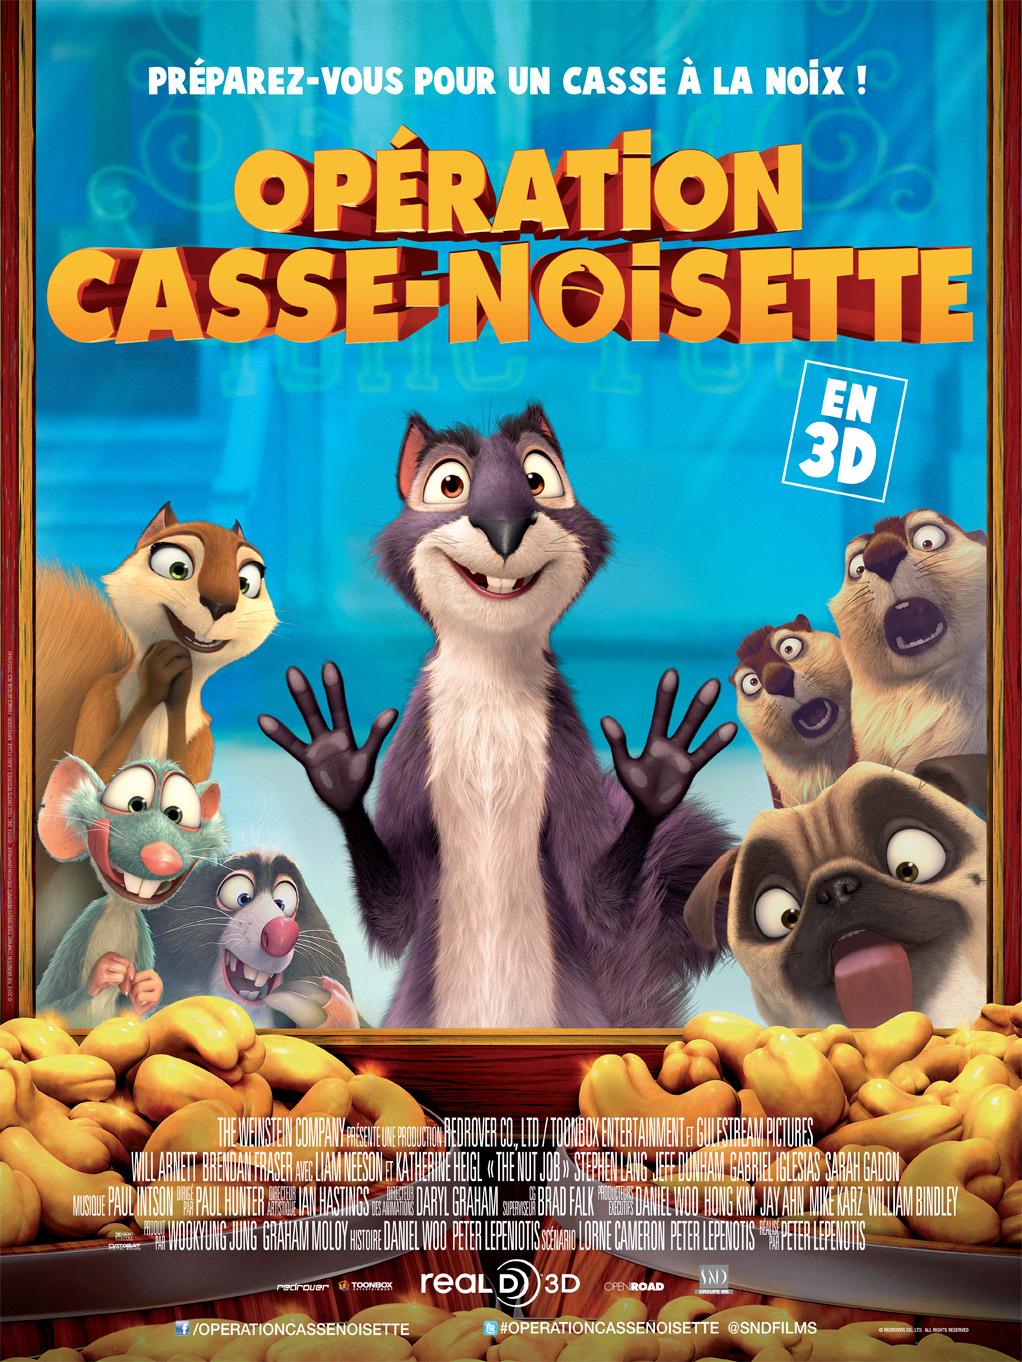 OpCasseNoisette